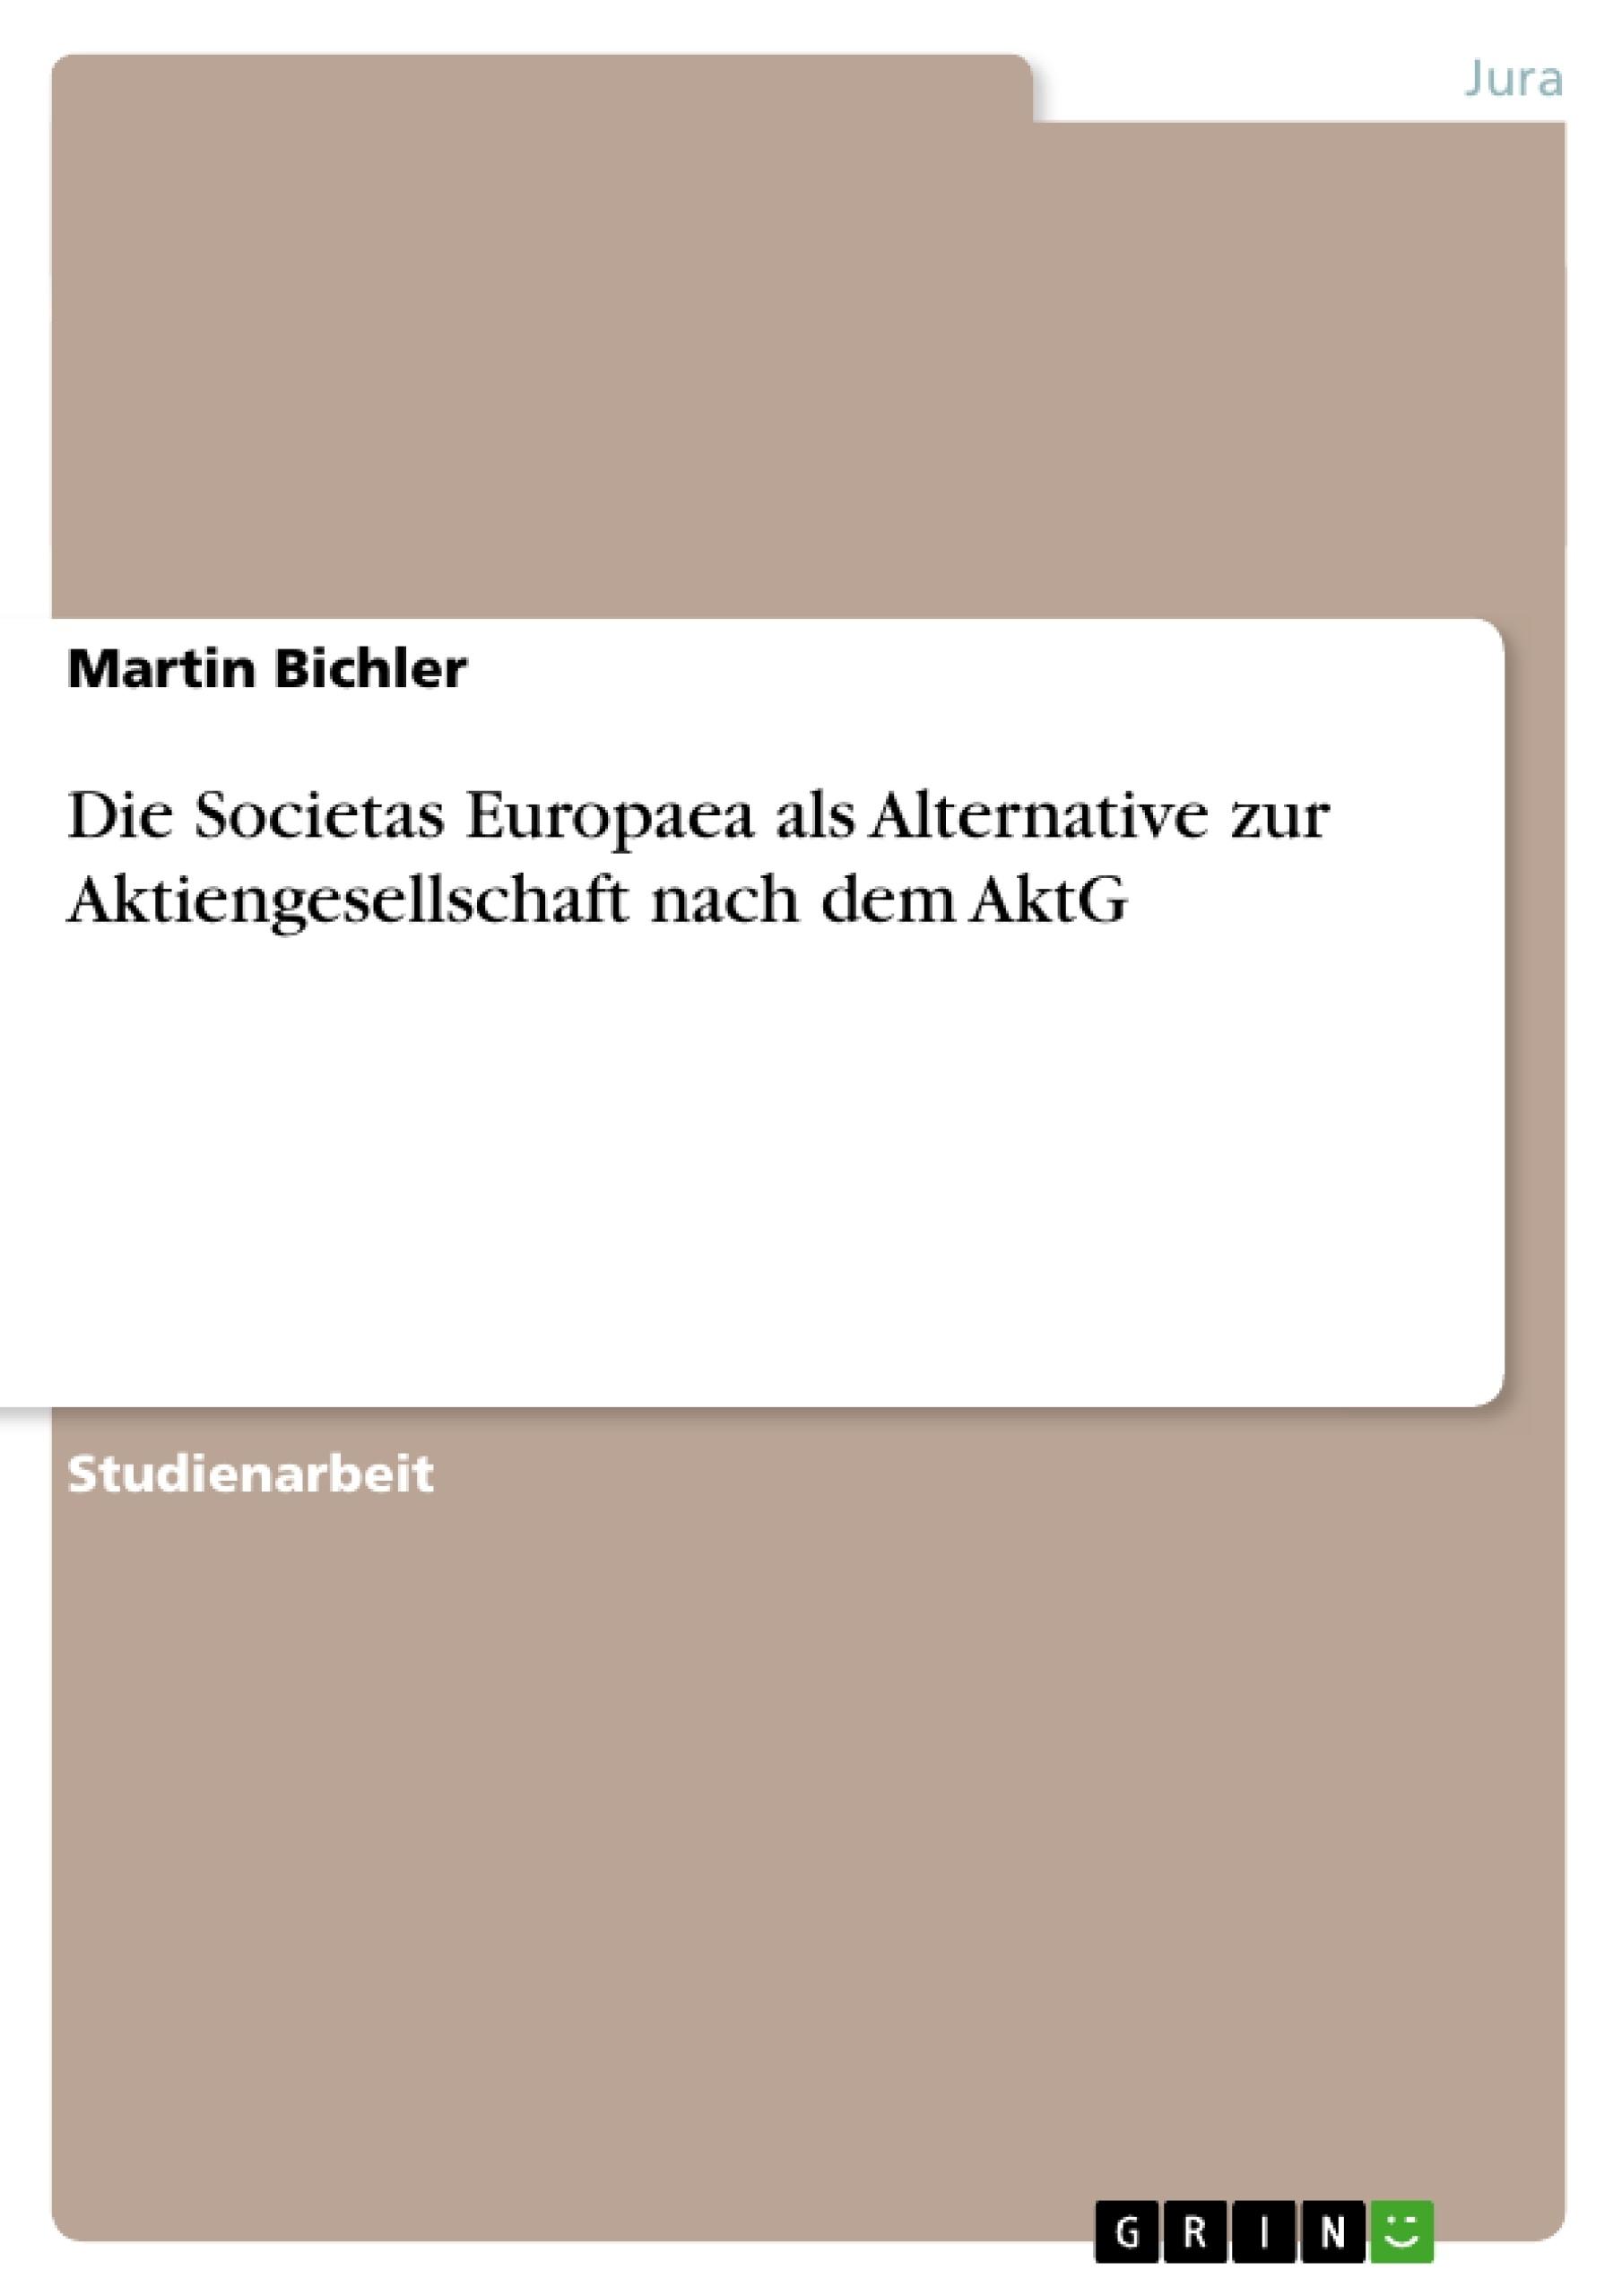 Titel: Die Societas Europaea als Alternative zur Aktiengesellschaft nach dem AktG